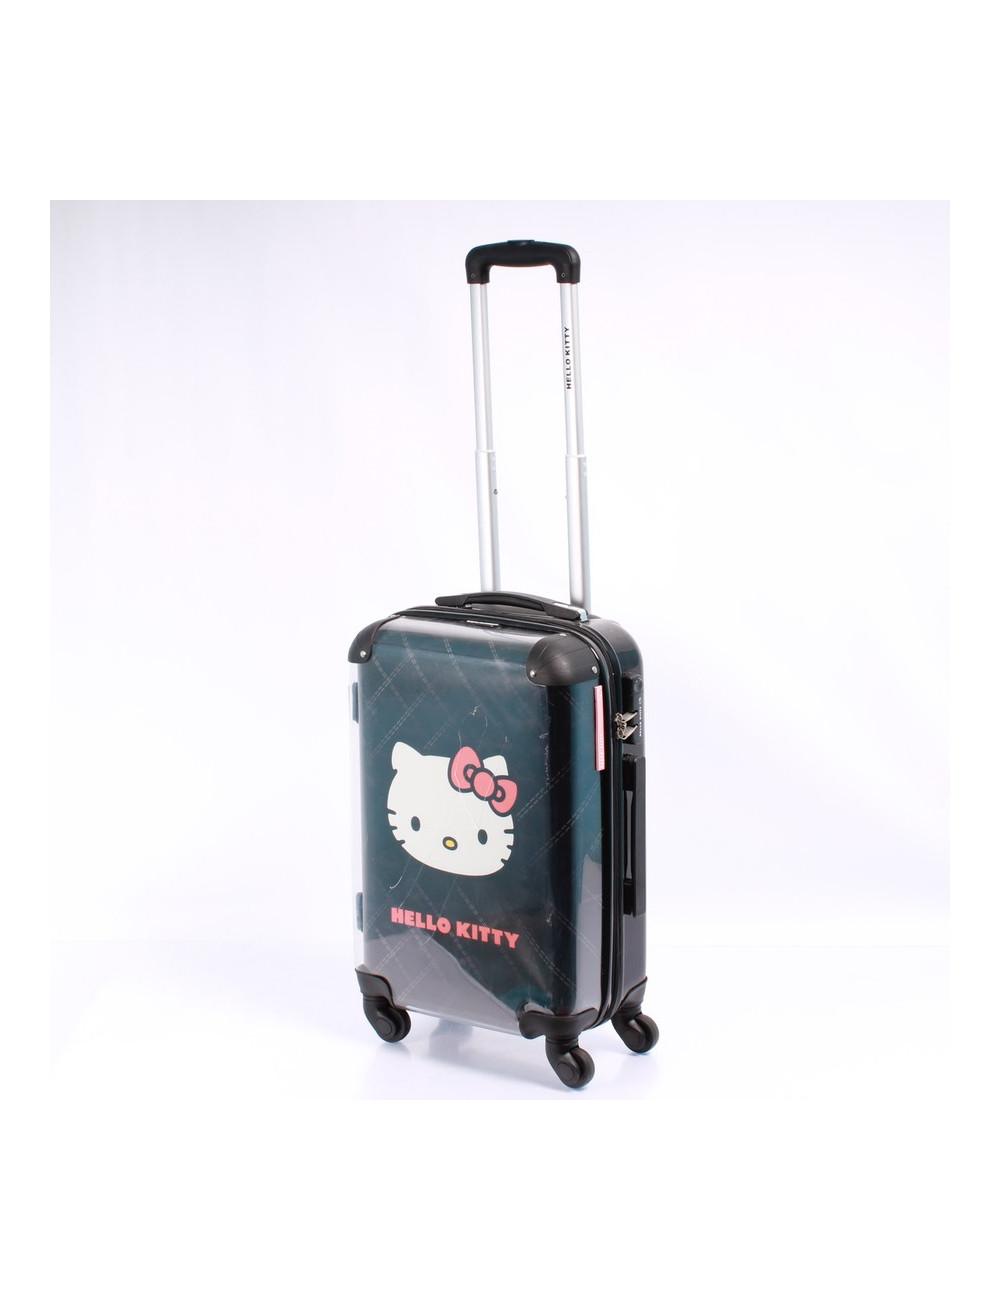 valise hello kitty